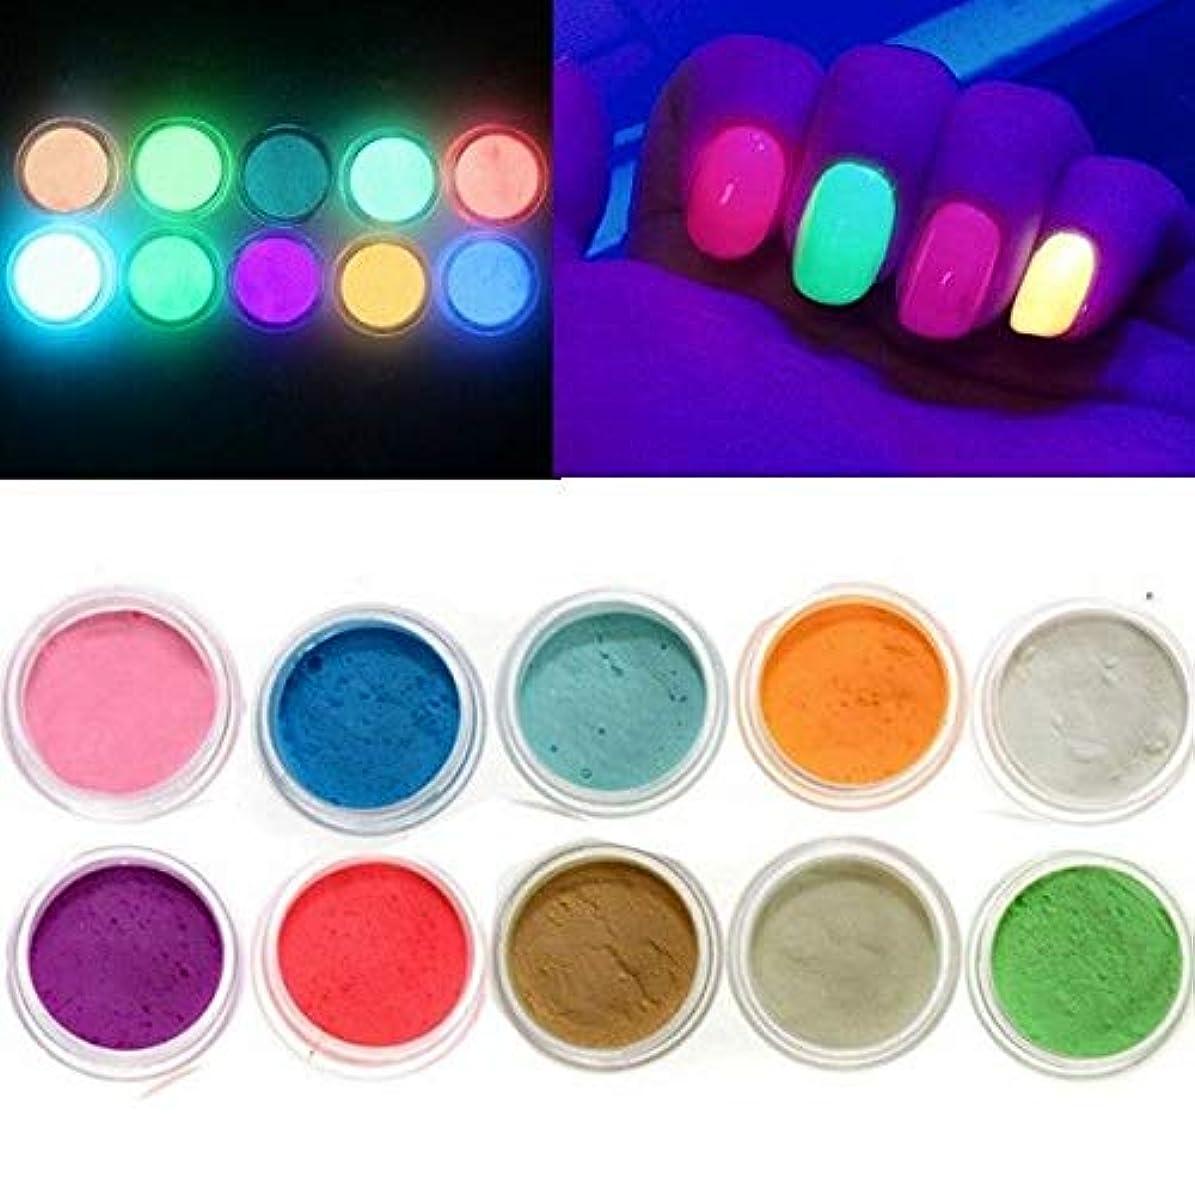 明らかにするチロ航空会社FidgetGear 10色は暗い釘の蛍光タトゥーのアクリルの粉の装飾で光ります